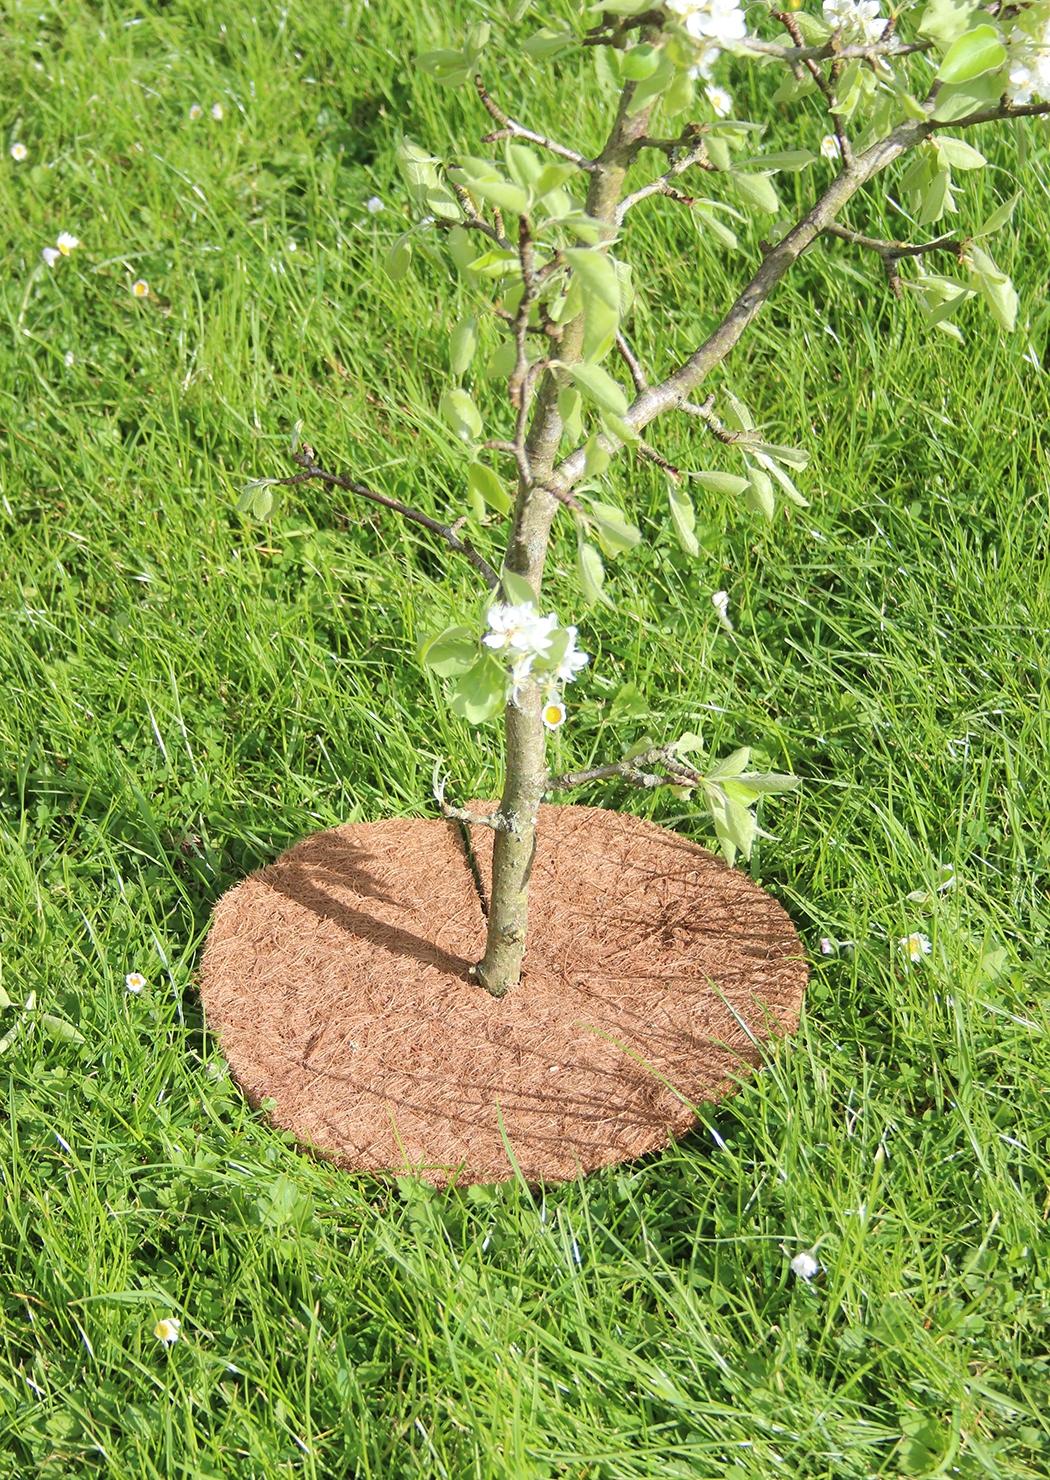 50-9510 Tierra Garden Haxnicks 12 in Tree Mat In Use WEB.jpg